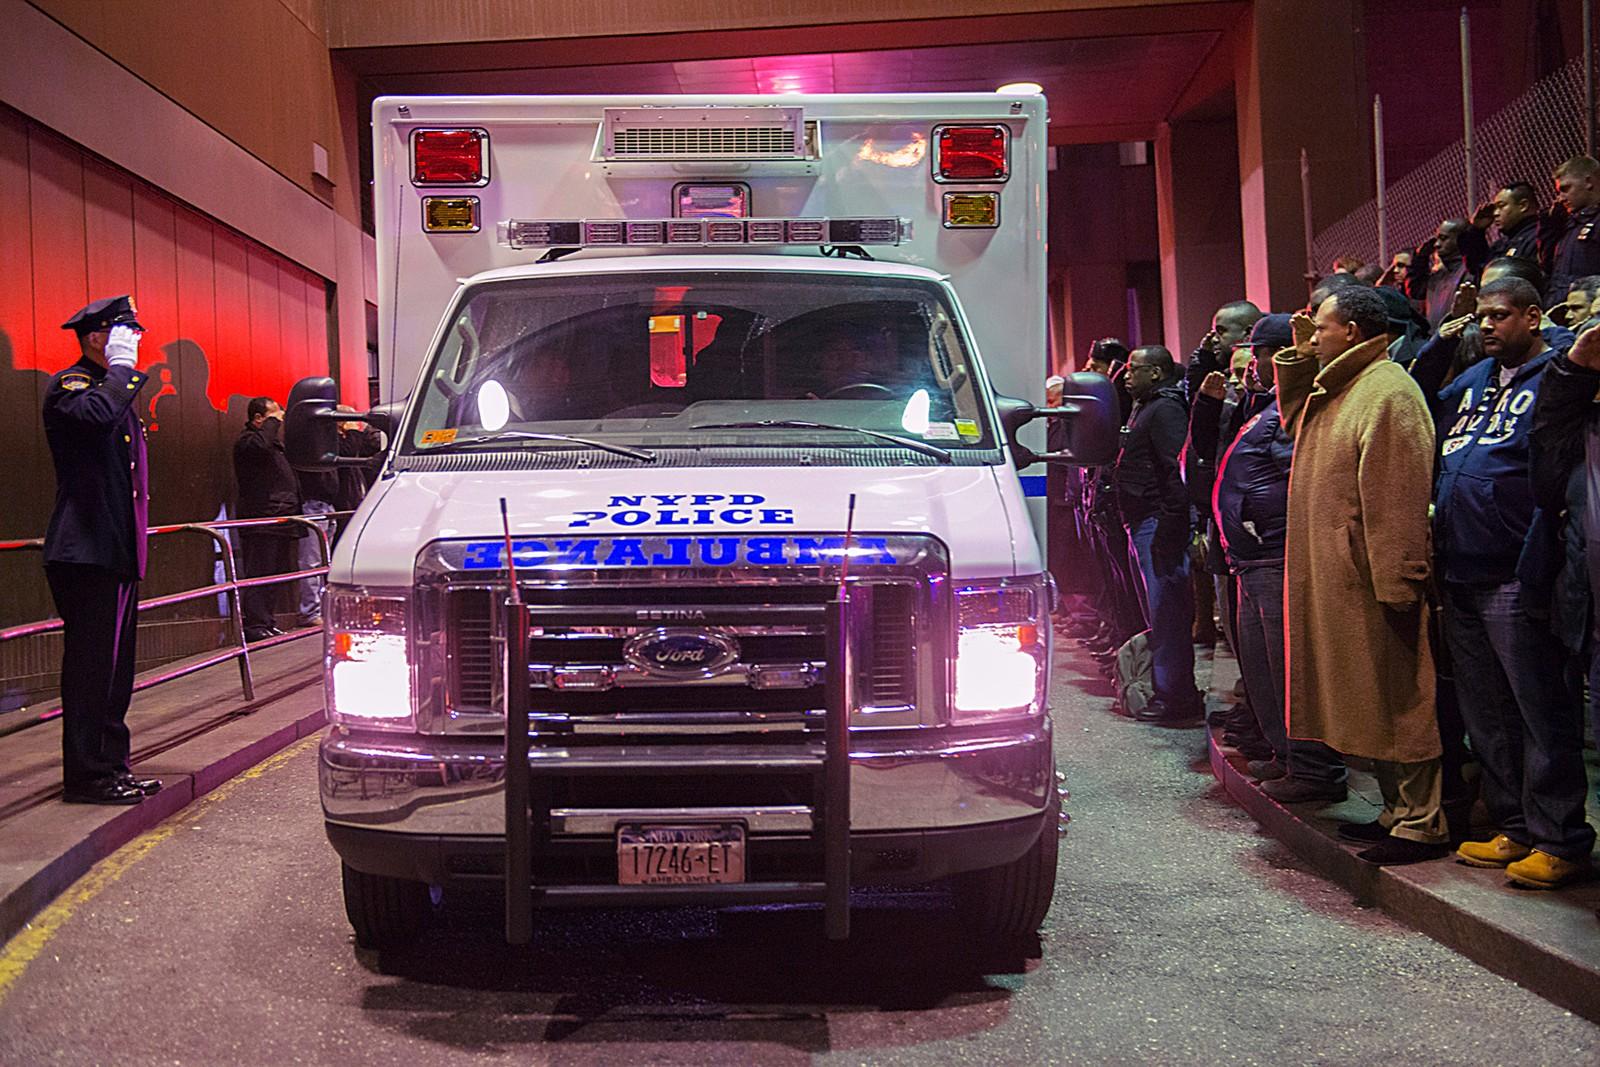 Politibetjenter hedrer de to politimennene som ble skutt og drept på patrulje i Brooklyn, New York.